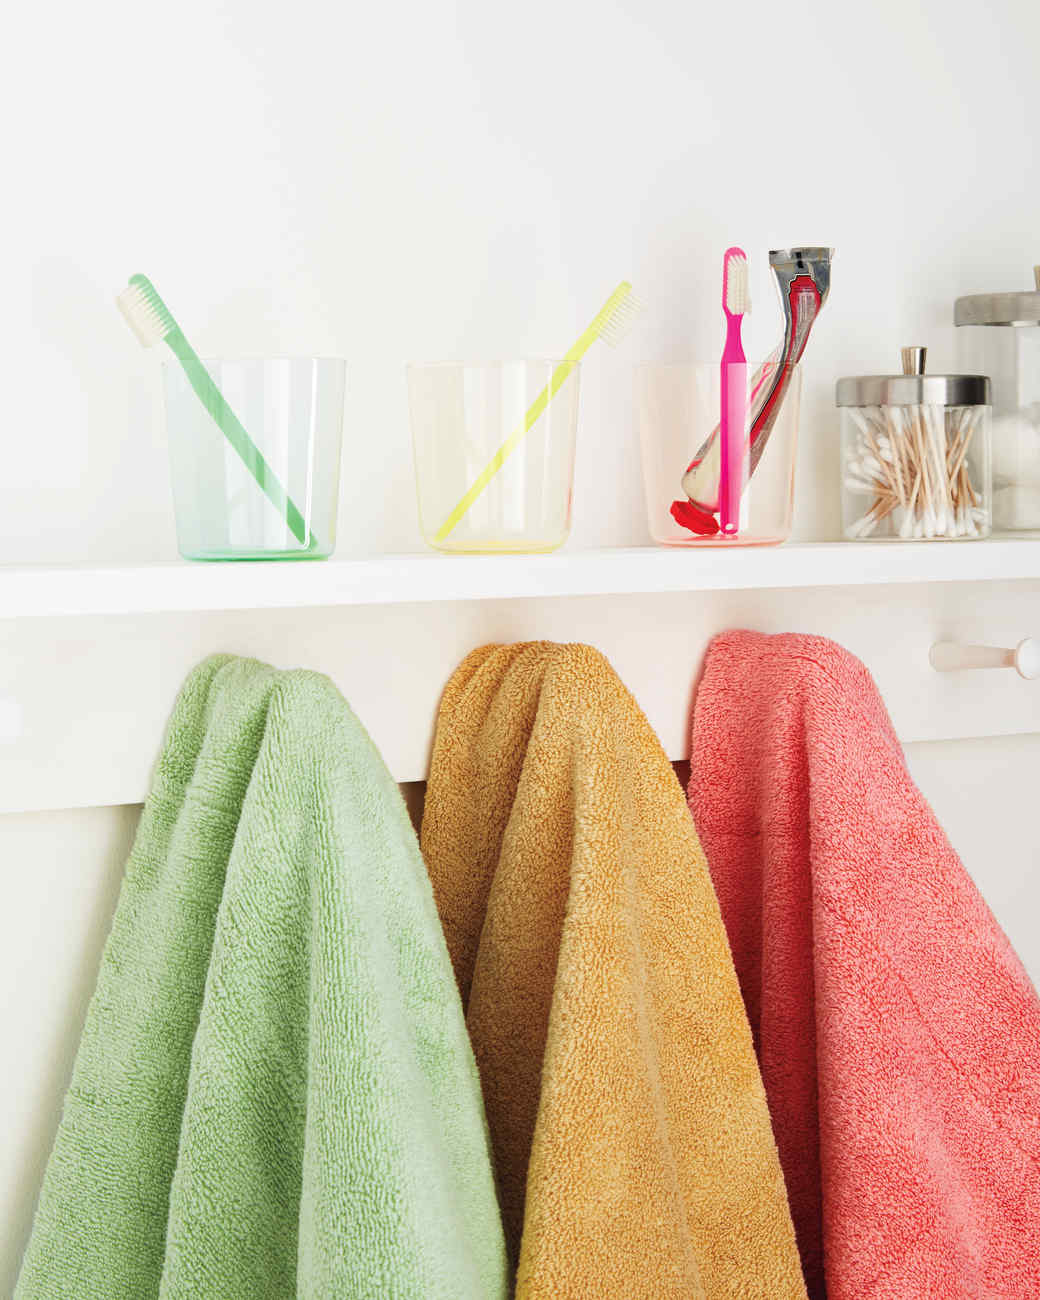 crafts-towels-022-mld110777.jpg